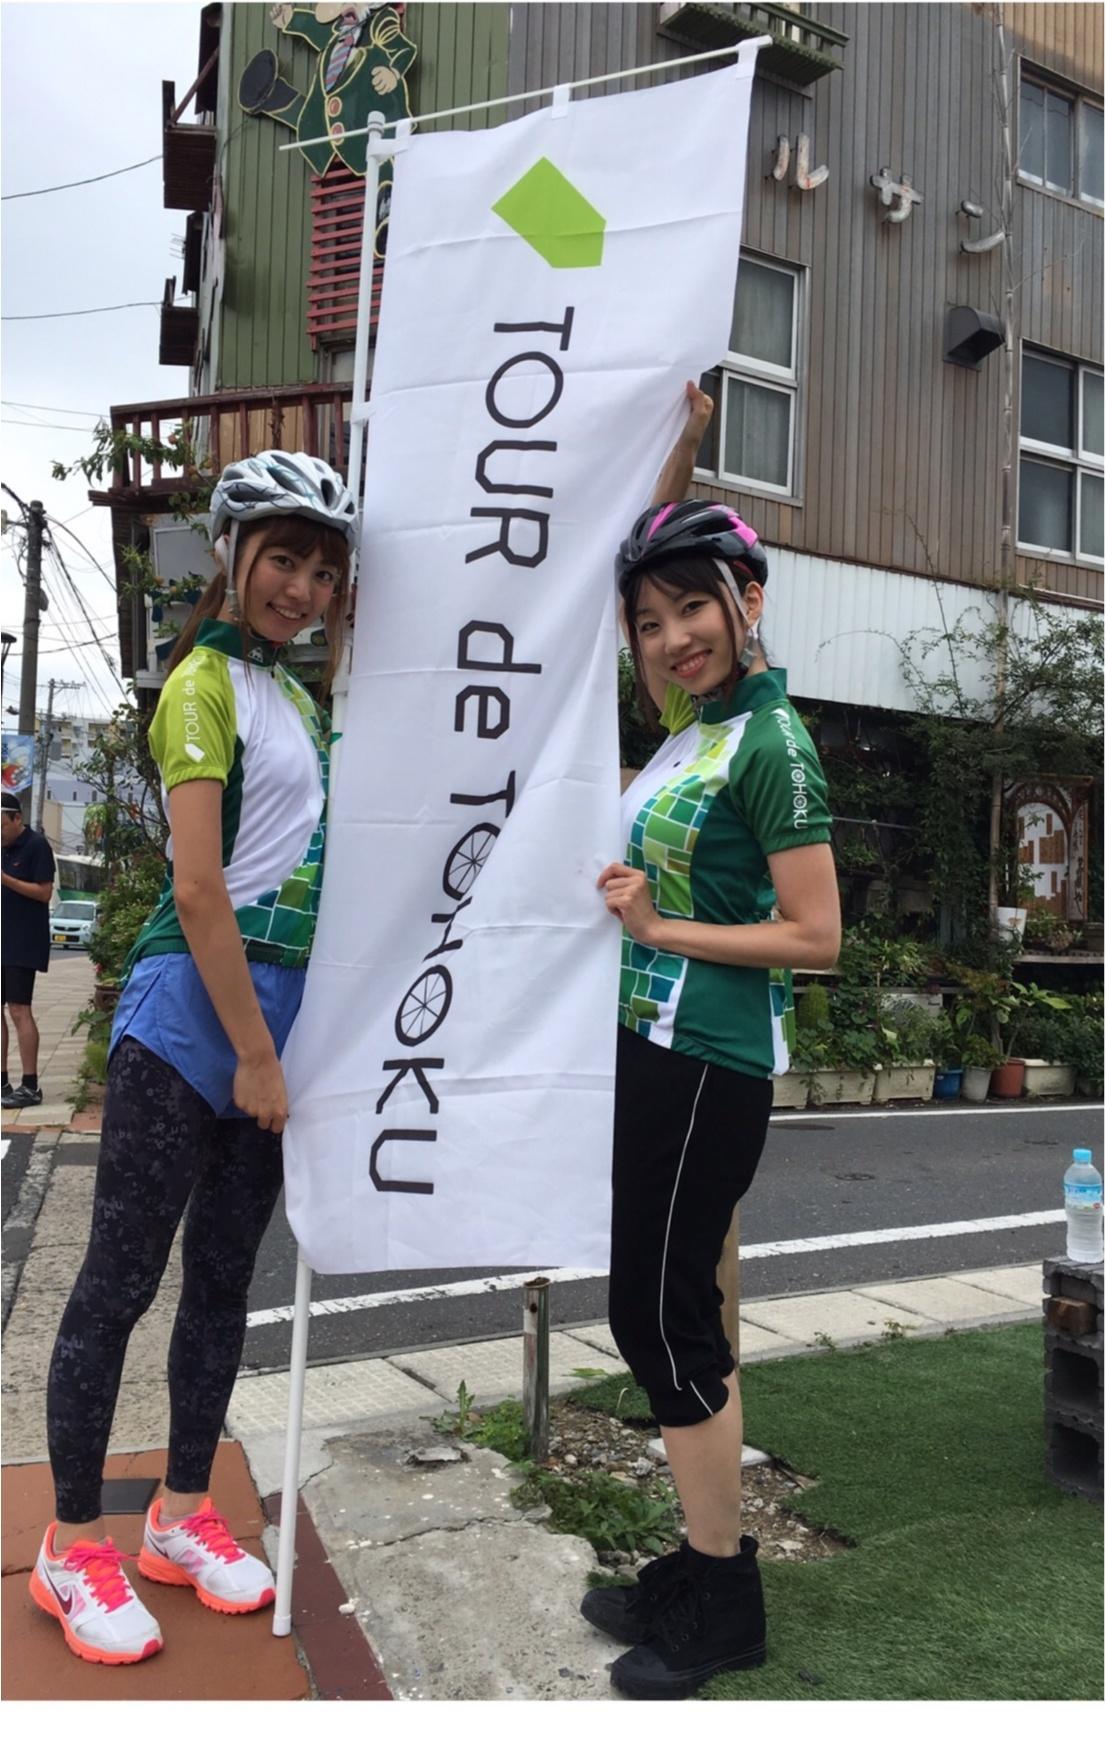 【MORE12月号】ツール・ド・東北2016☺石巻を電動自転車でラクラク周遊しちゃいました♪_12